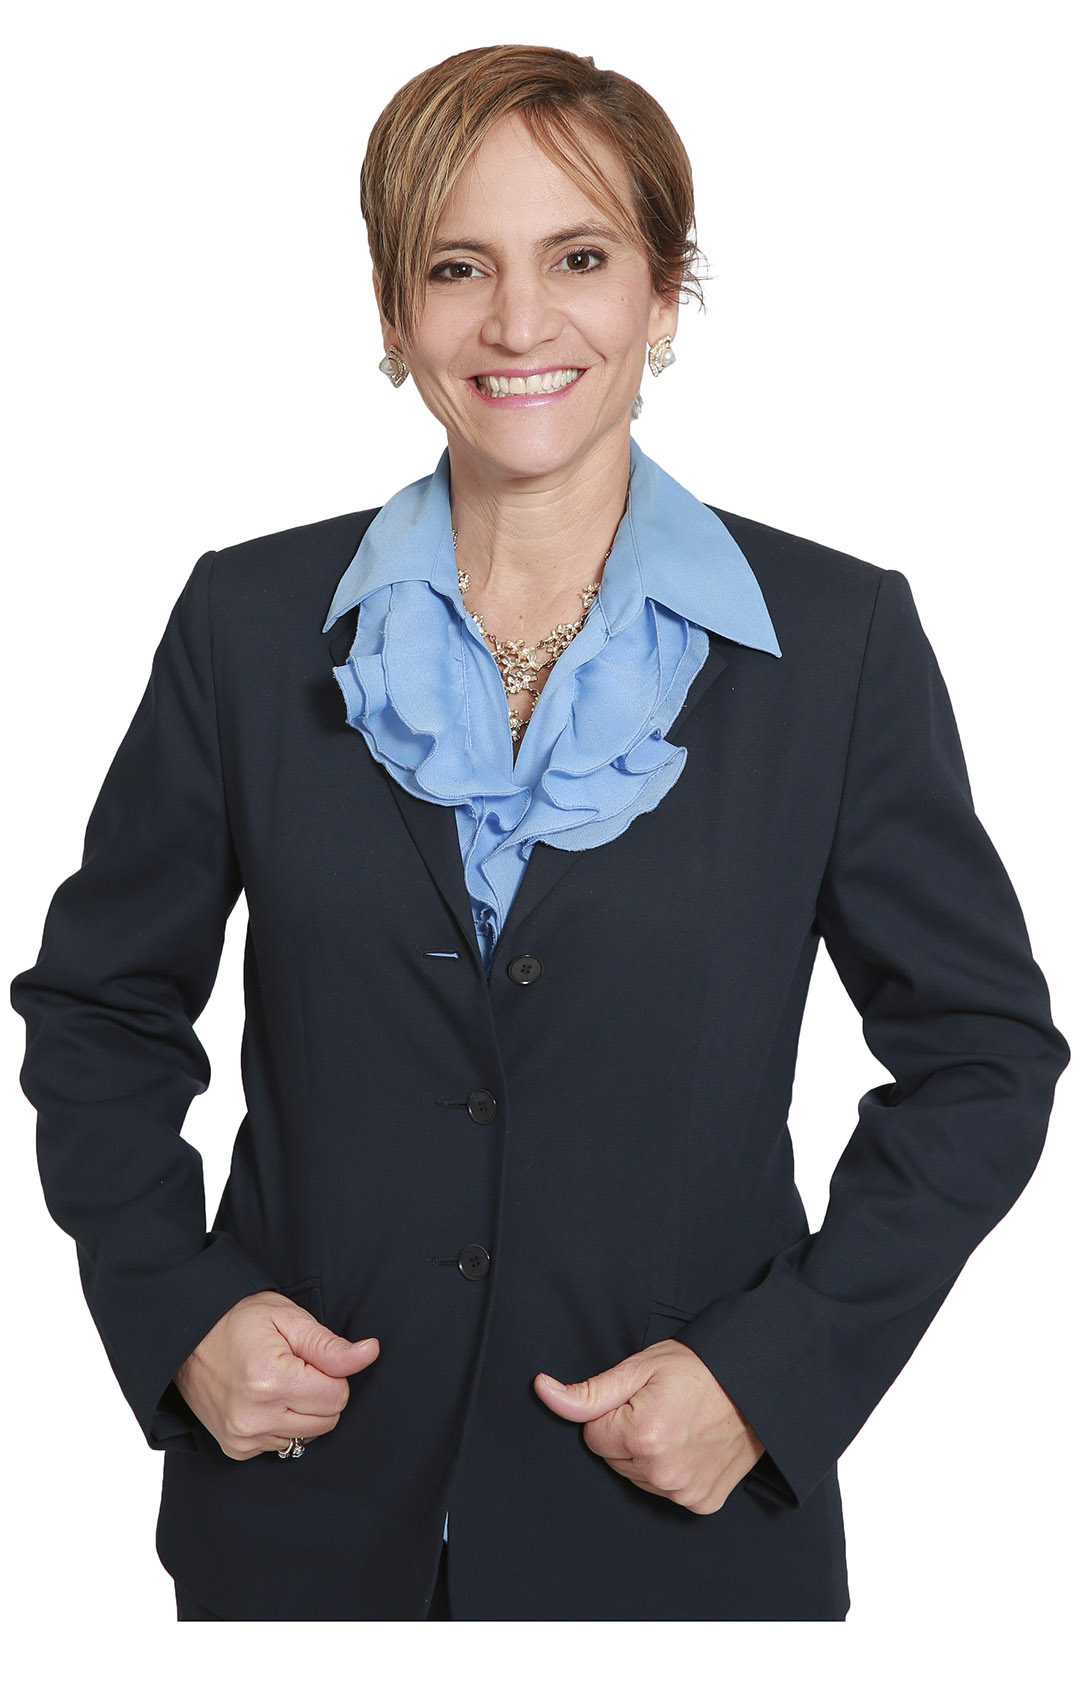 Noelle E. Wooten